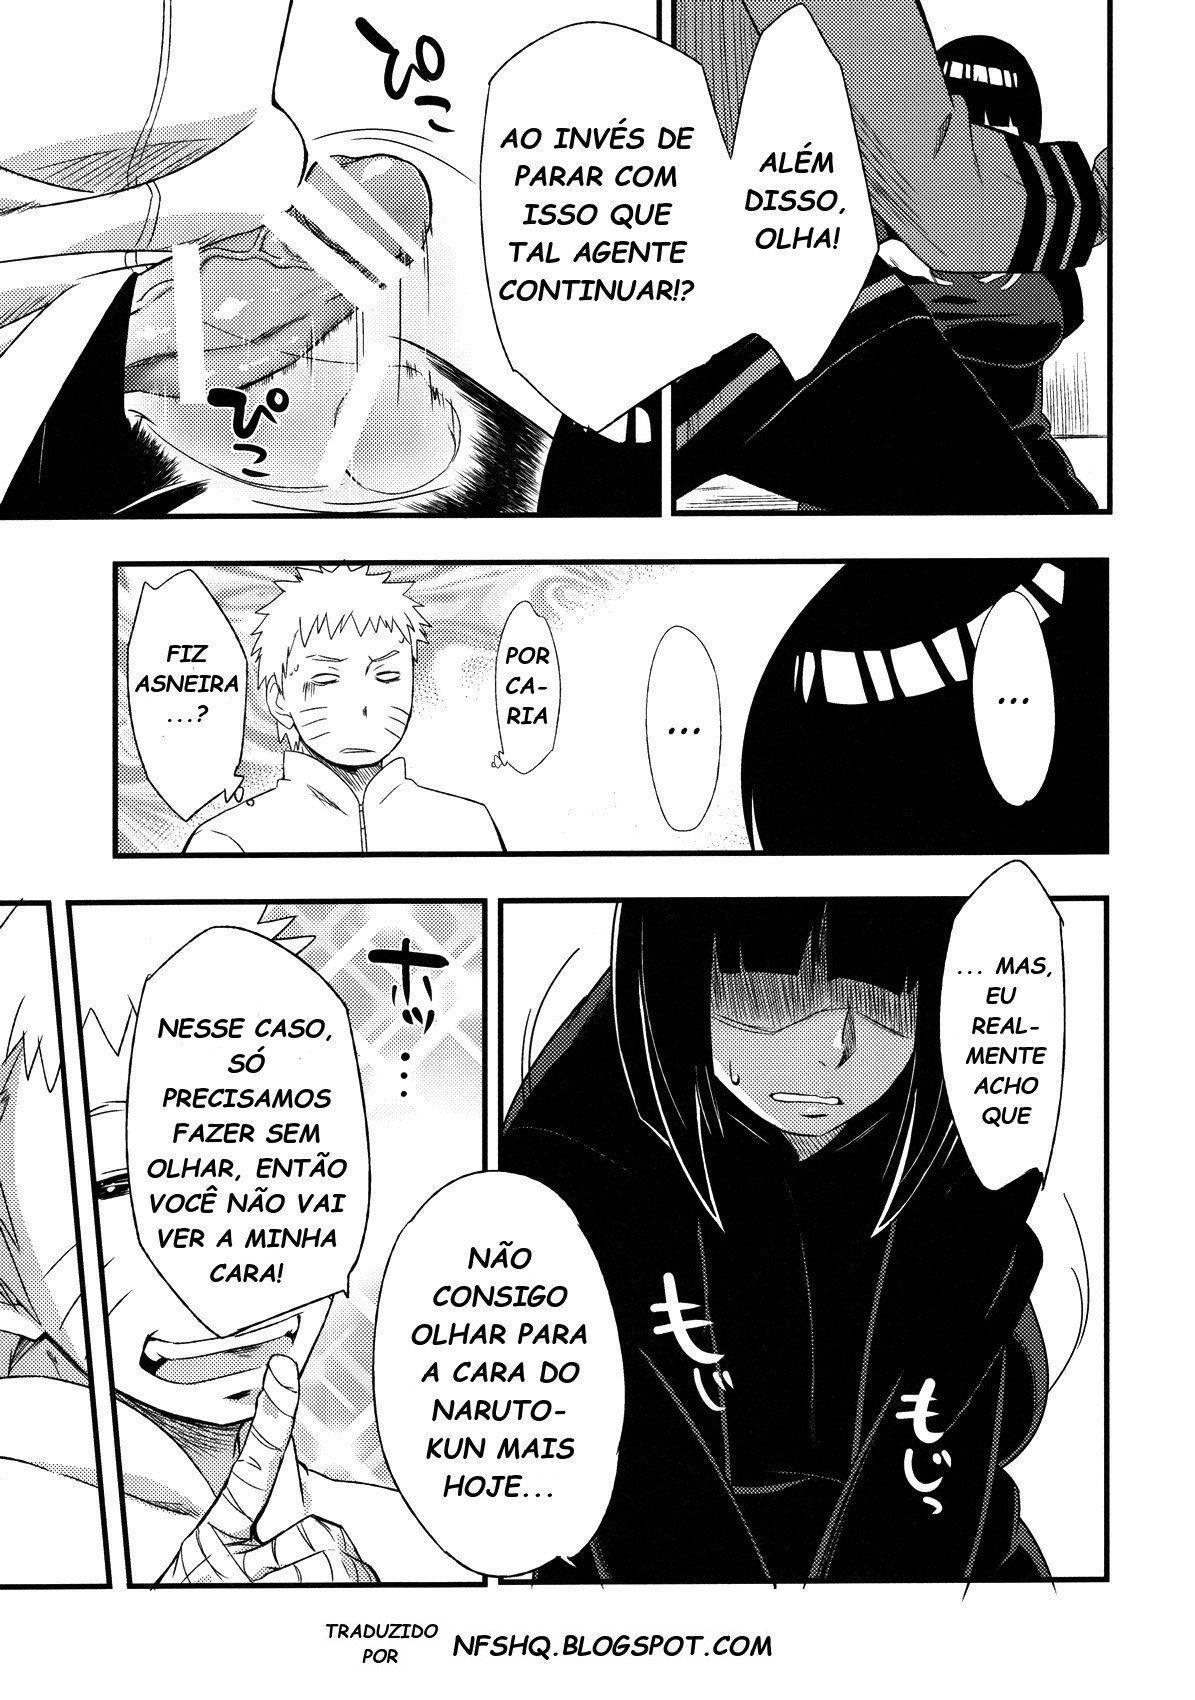 Hinata sendo amante de Naruto - Foto 12